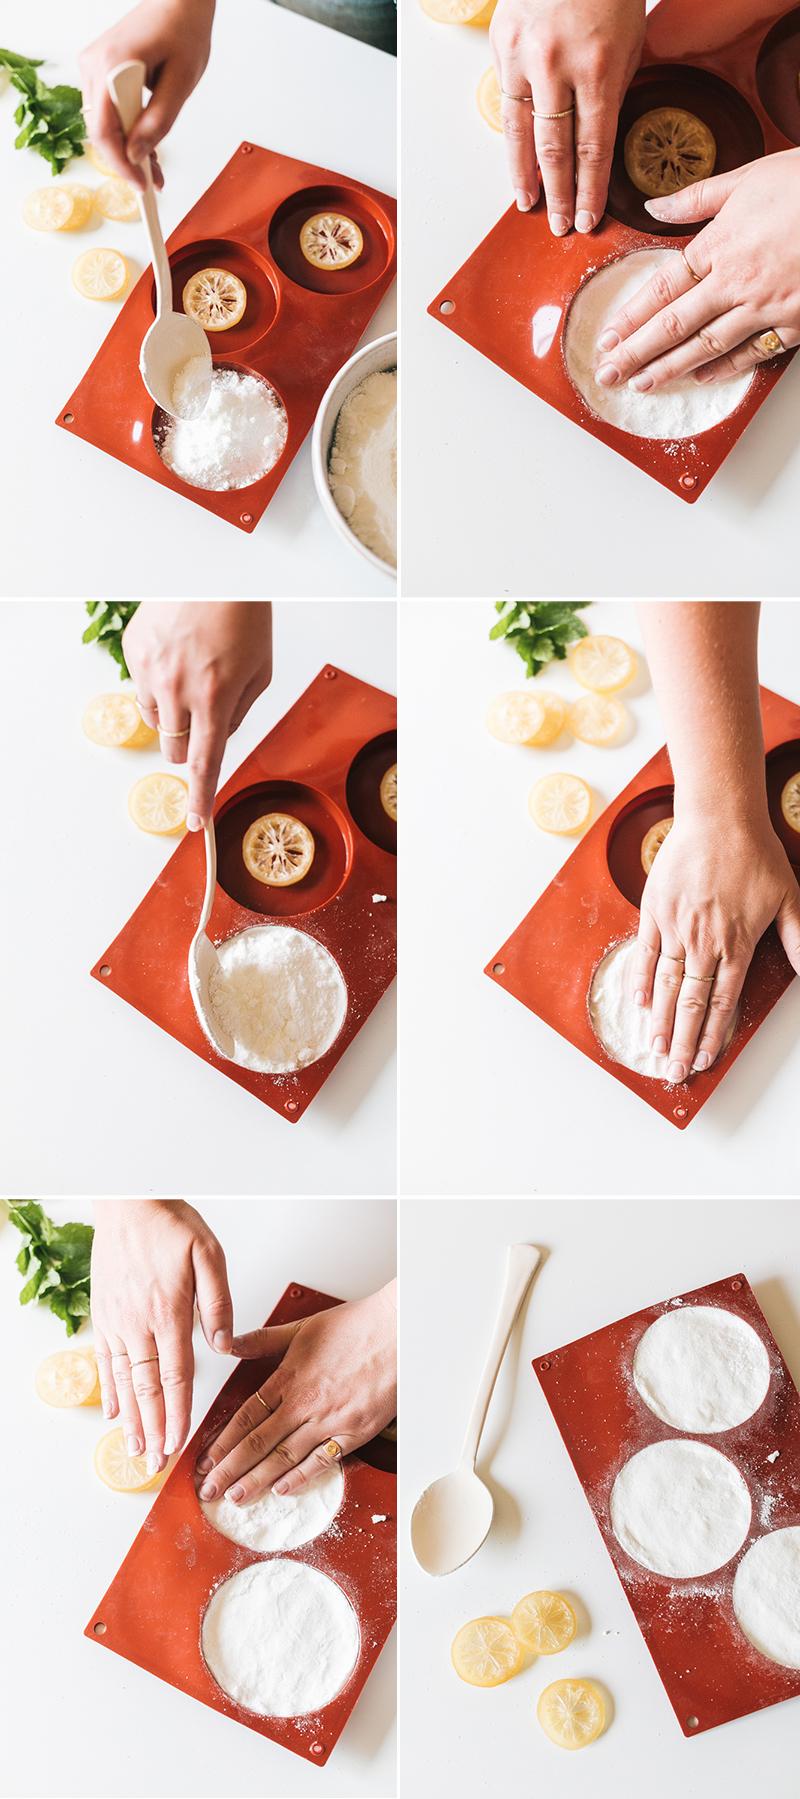 Как сделать бомбочку для ванны - заполните формы смесью